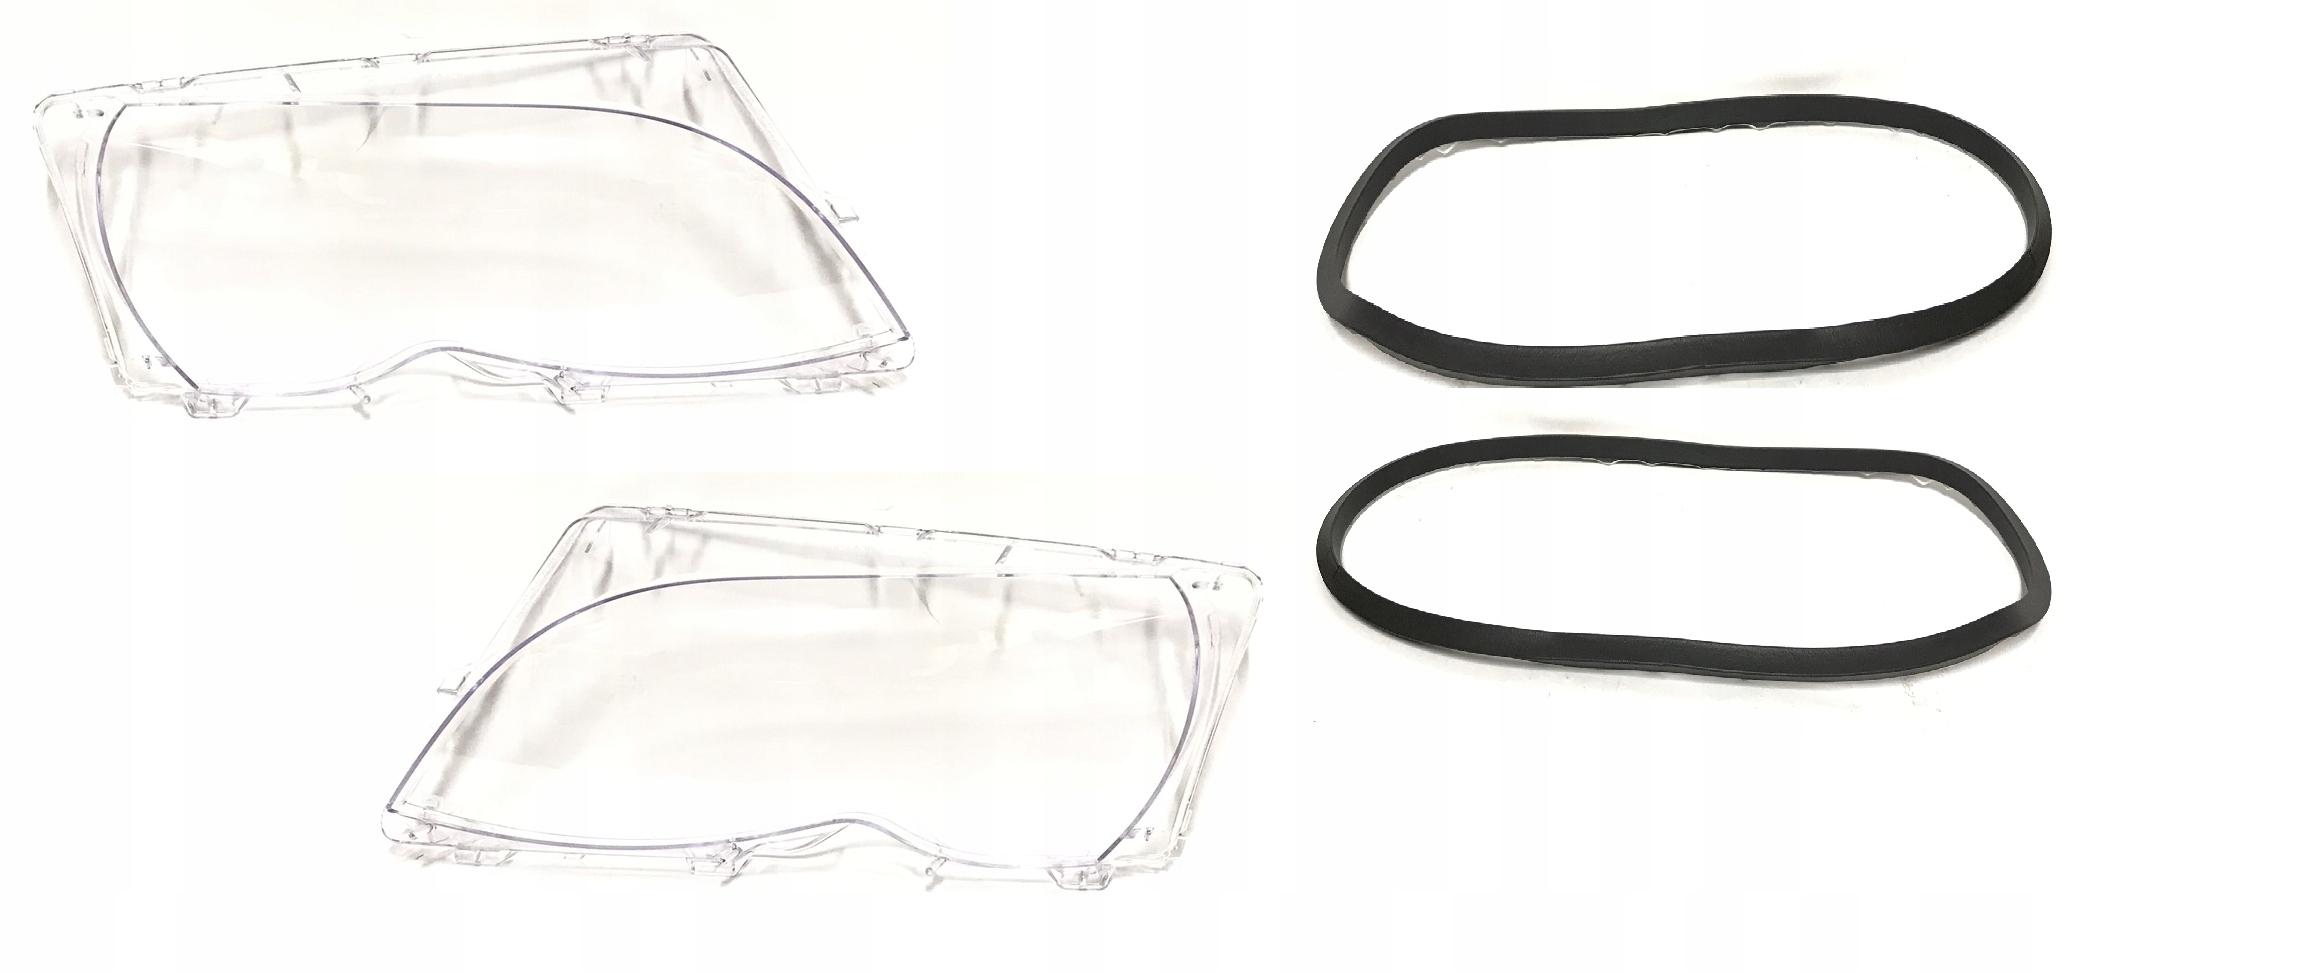 bmw 3 e46 01 lift седан универсал плафон стекло комплект